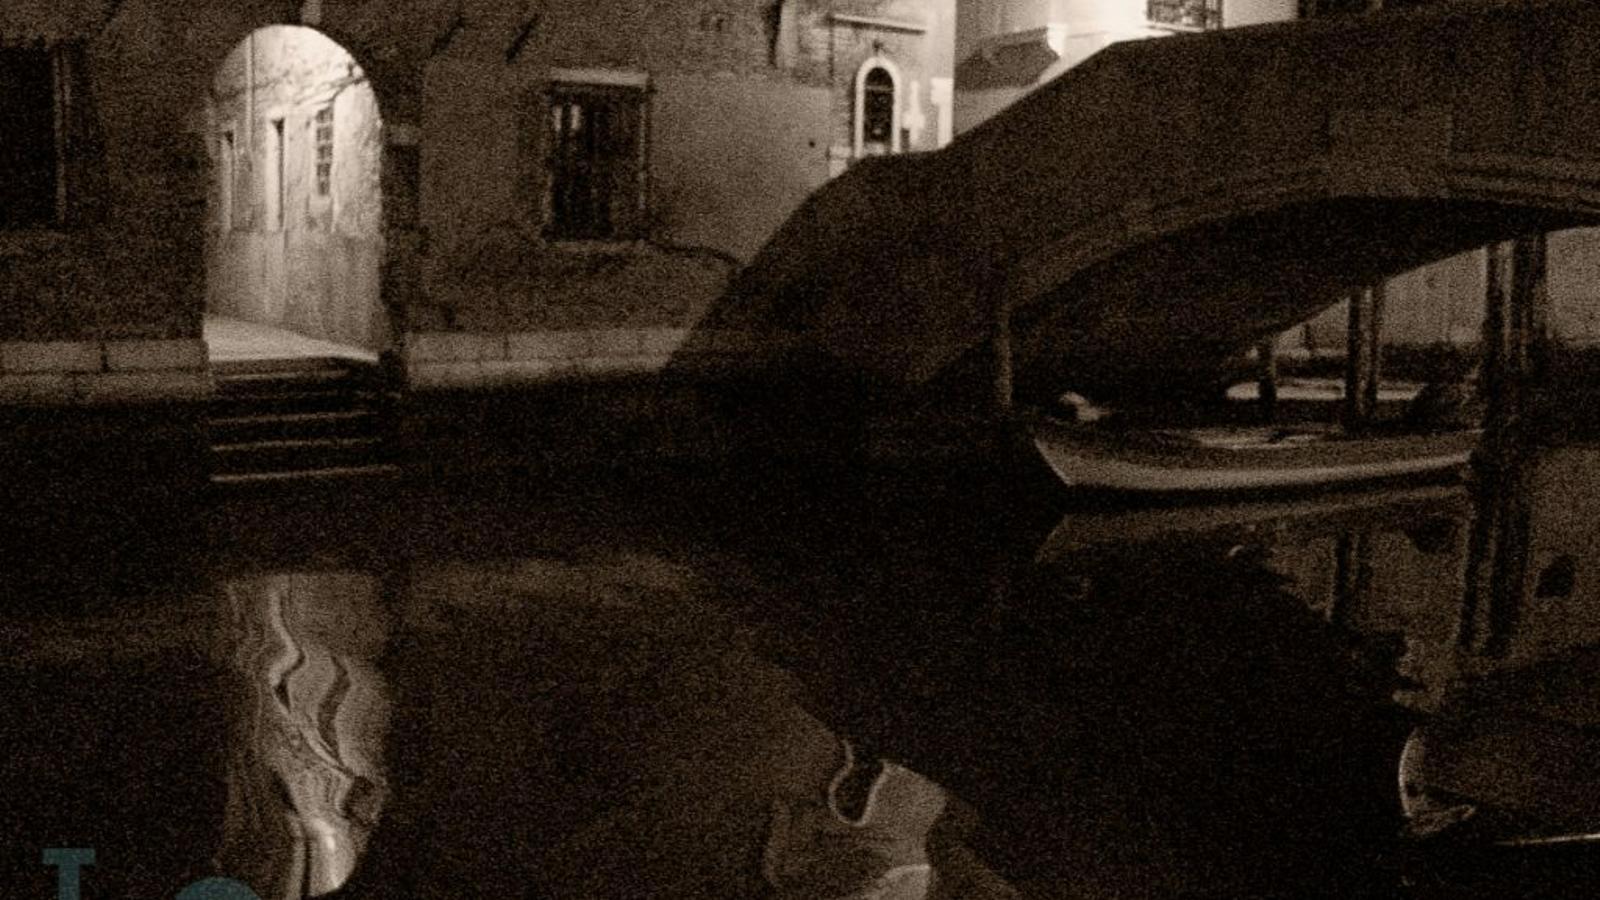 Una de les imatges ja disponible, 'Venècia nº 128. 2003'.